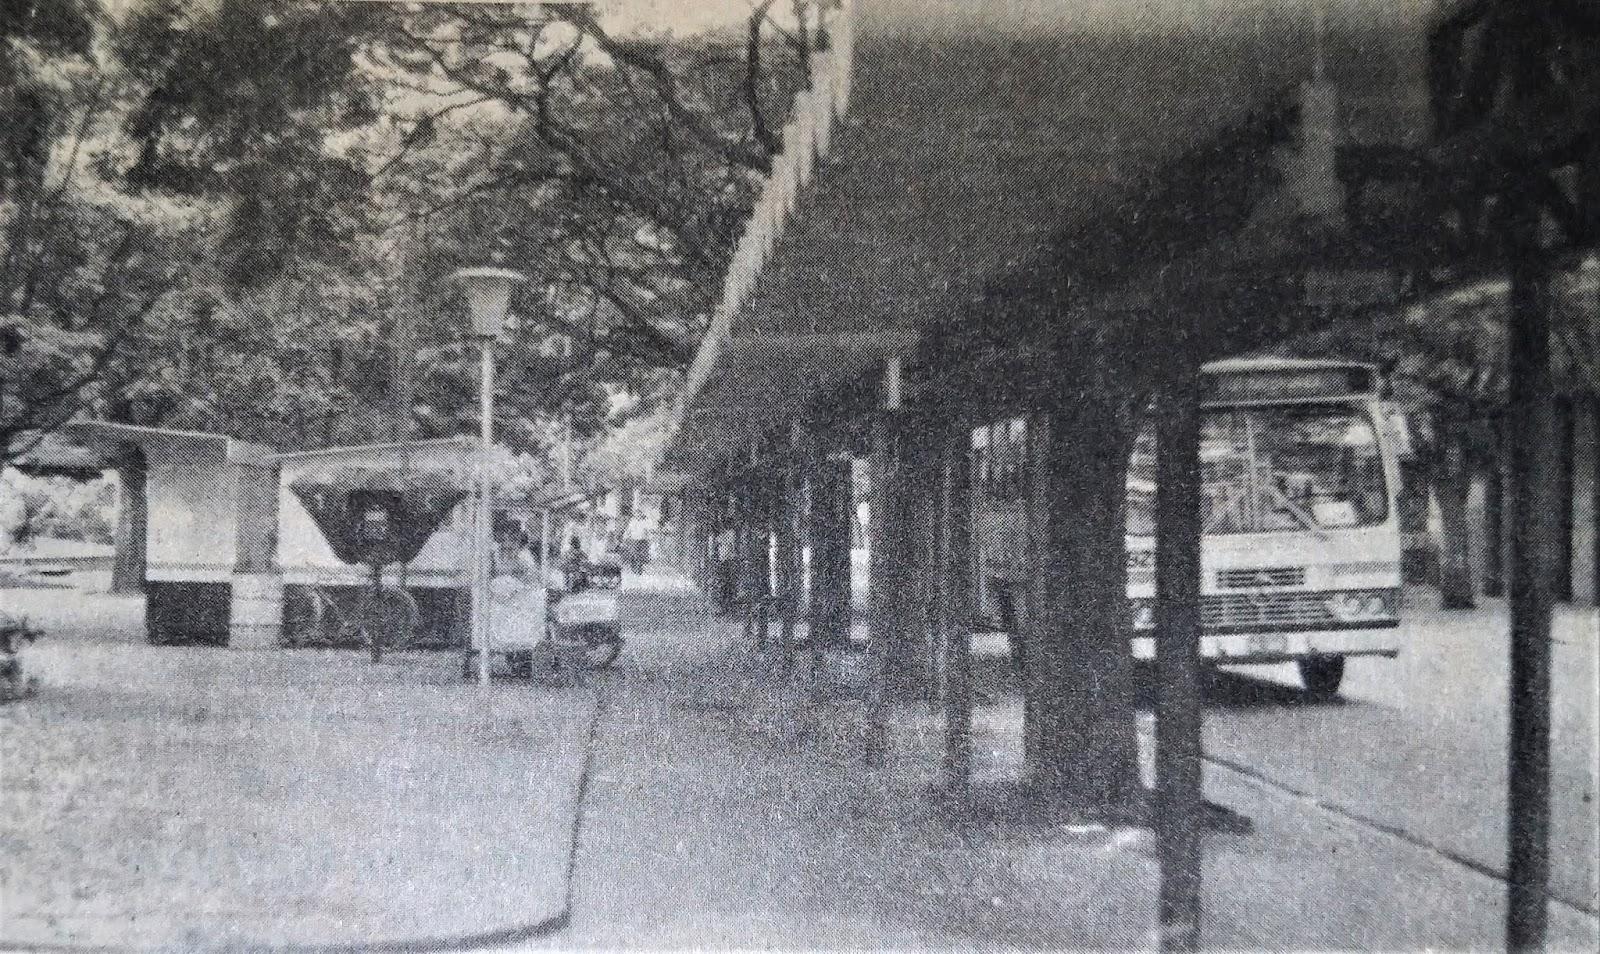 Terminal Urbano da Praça Napoleão Moreira da Silva - 1985